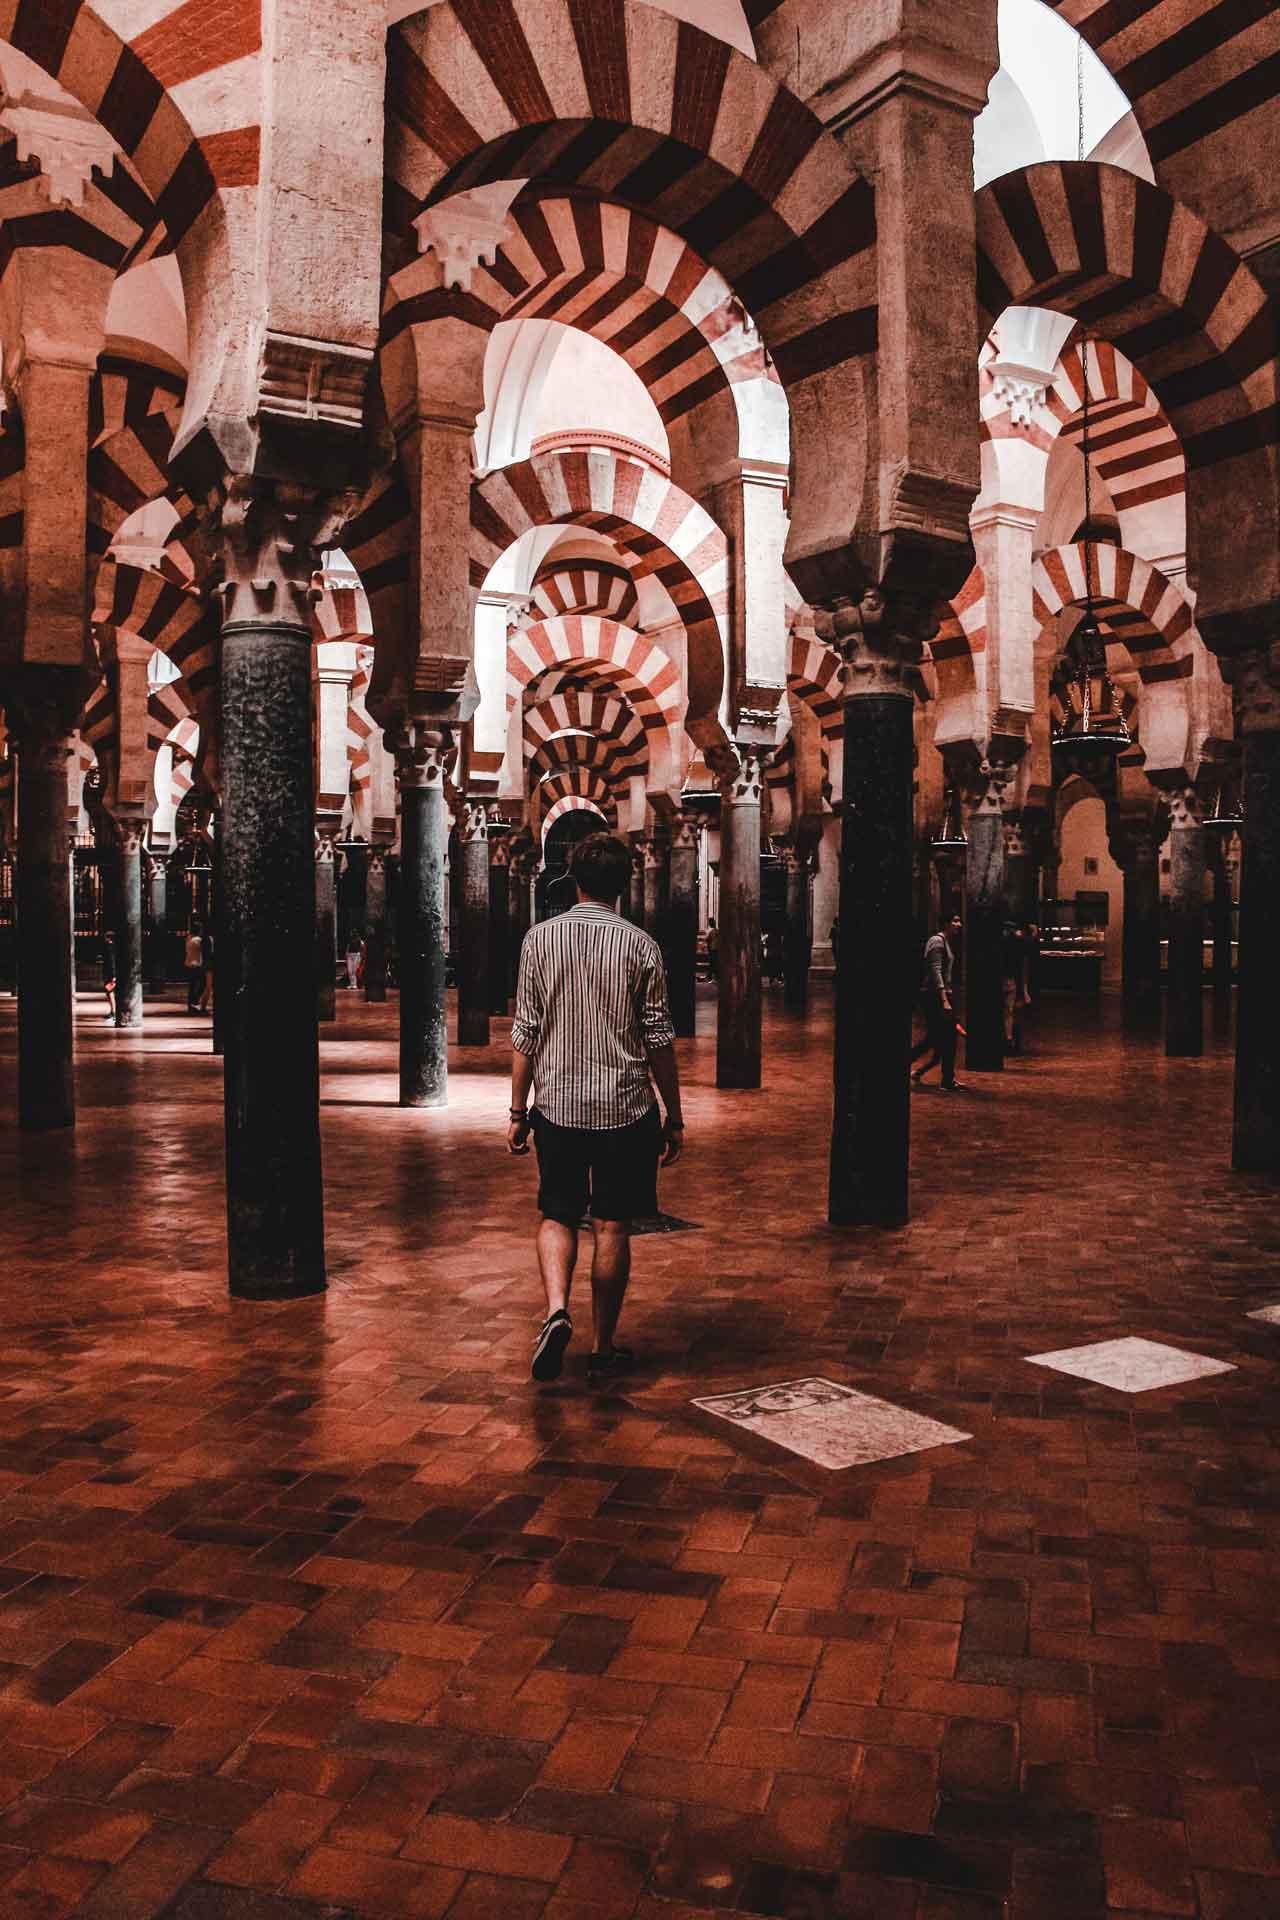 Mezquita-Catedral de Córdoba, patrimonio de la humanidad | Mosque-Cathedral of Córdoba, World Heritage Site | Mosquée-Cathédrale, Patrimoine de l'Humanité